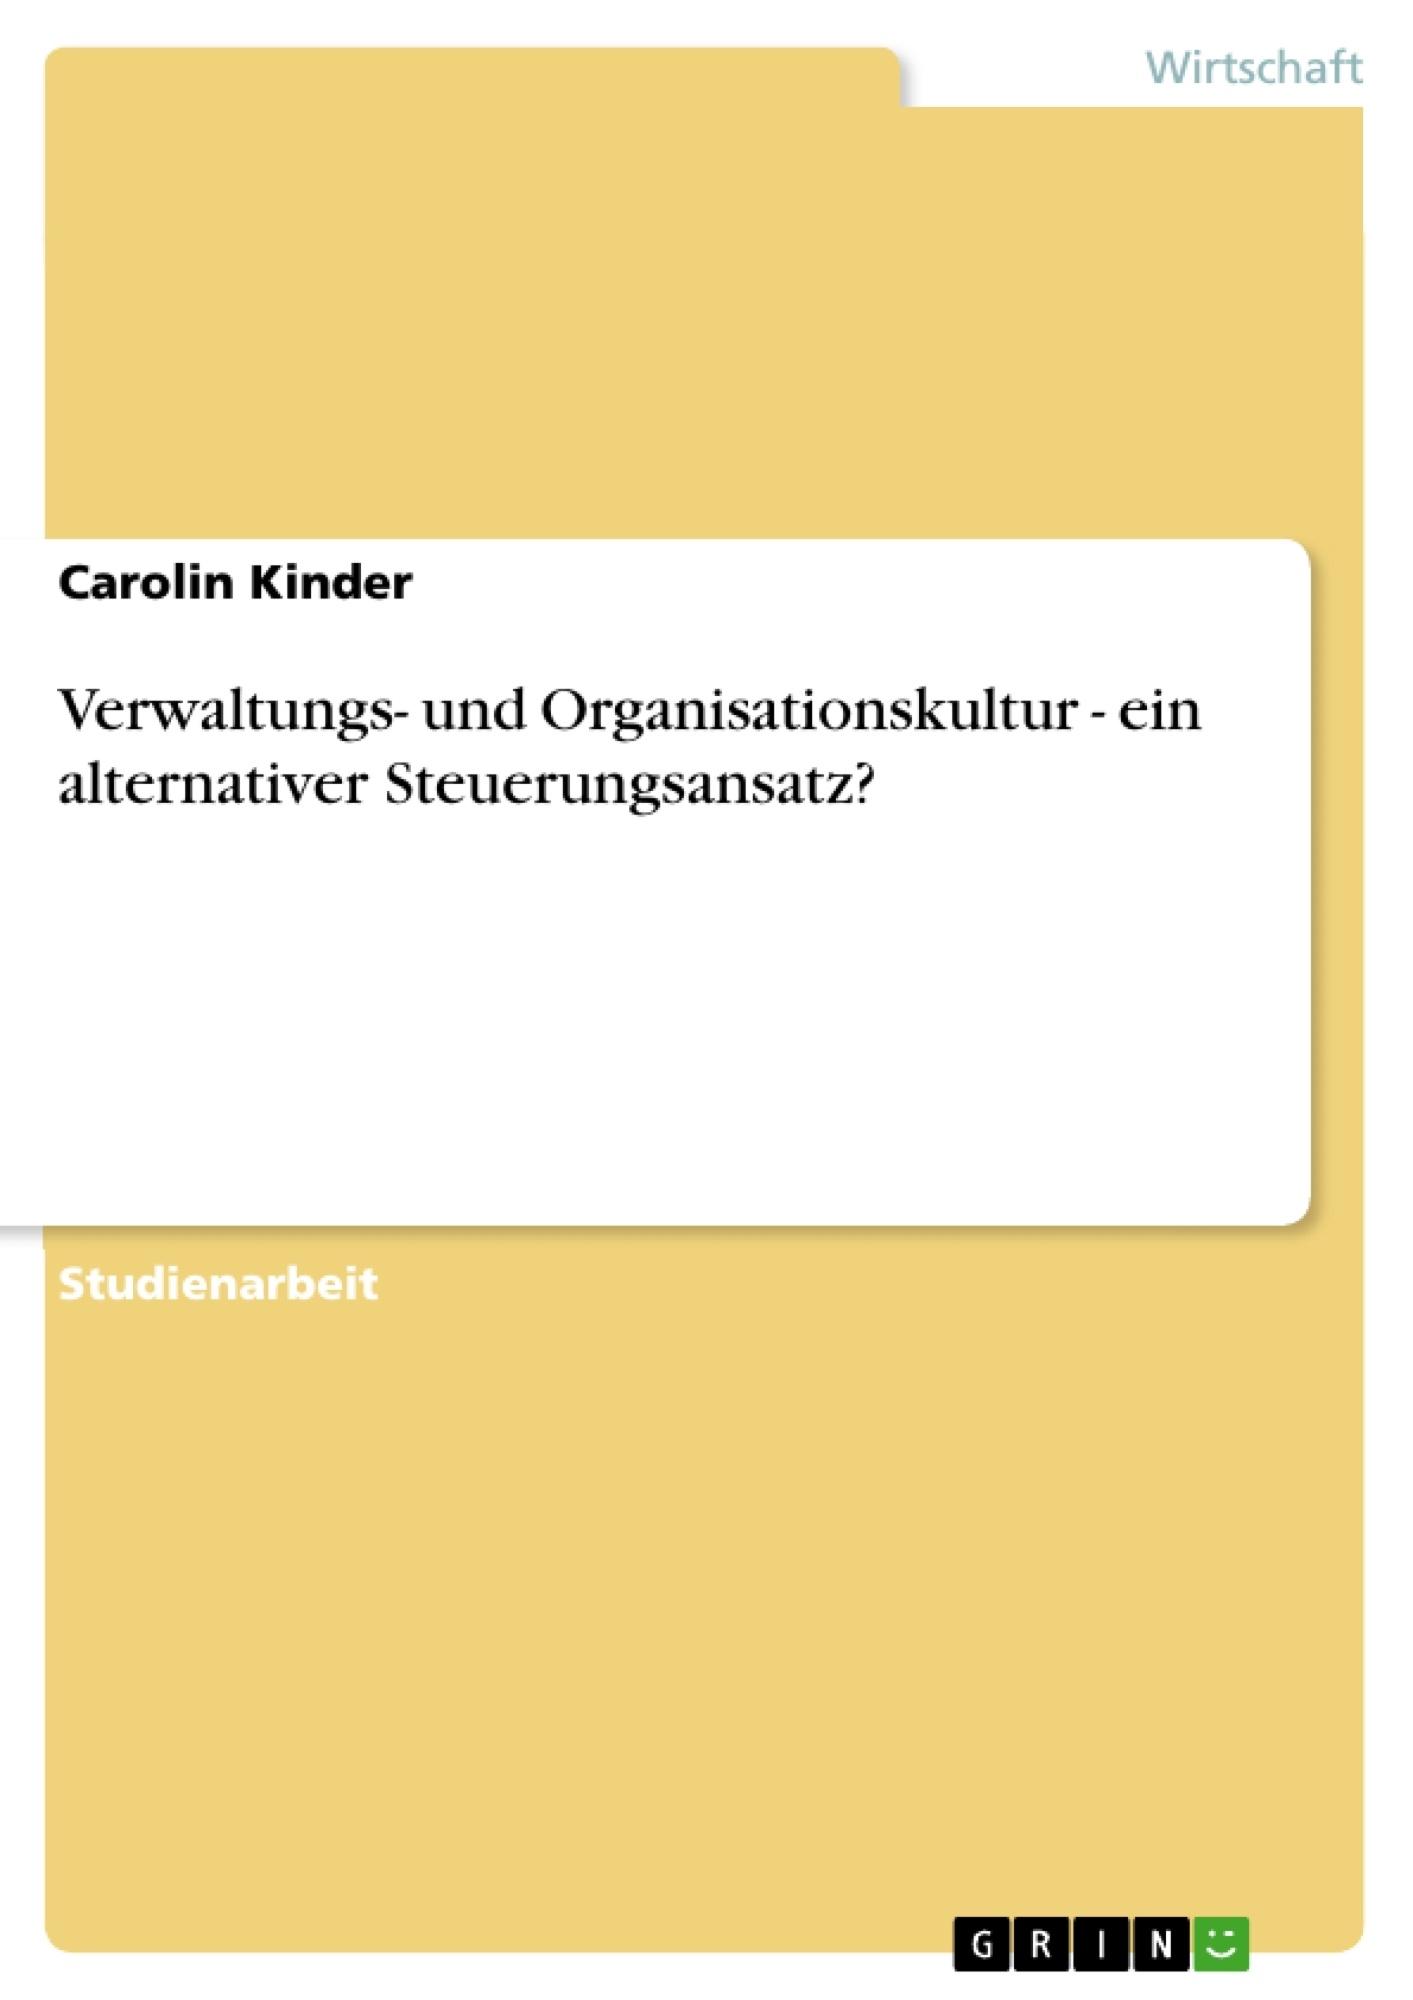 Titel: Verwaltungs- und Organisationskultur - ein alternativer Steuerungsansatz?